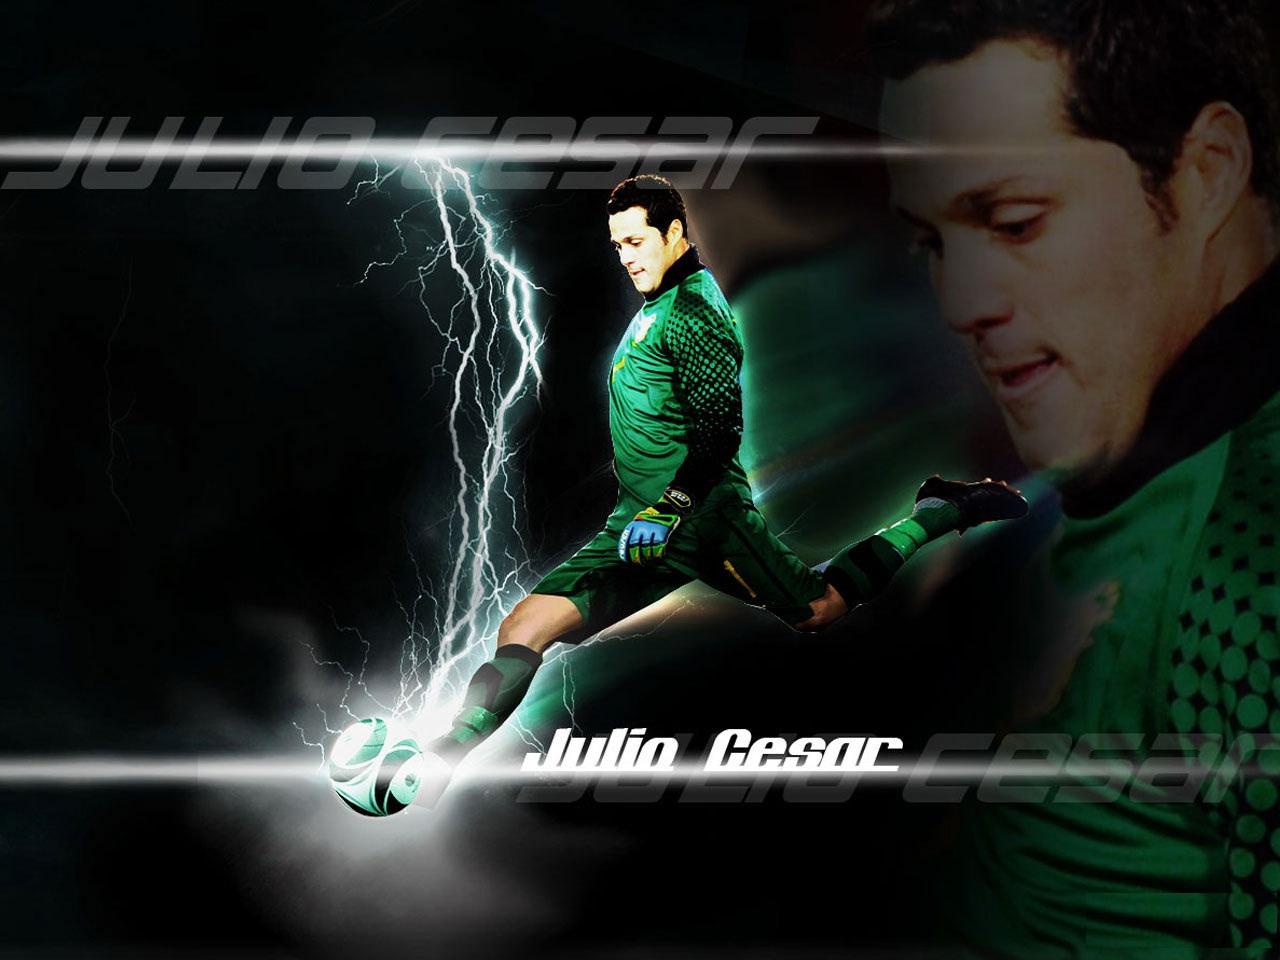 http://3.bp.blogspot.com/-xXAD5-_J0TY/T5PN6g9iviI/AAAAAAAACLQ/Ar3DdMp1quE/s1600/Julio+Cesar+hd+Wallpapers+2012+01.jpg